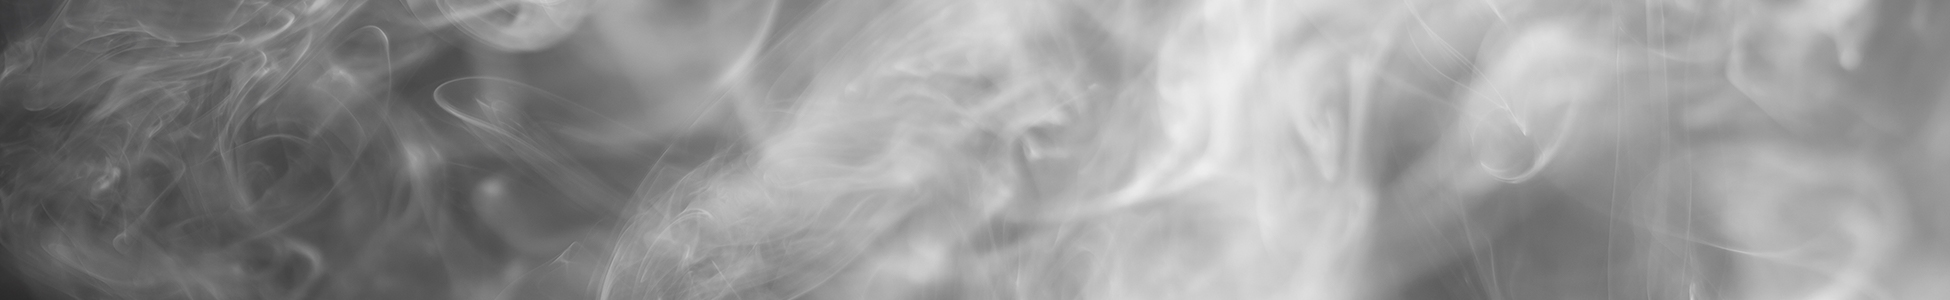 White smoke slowly rising on black background